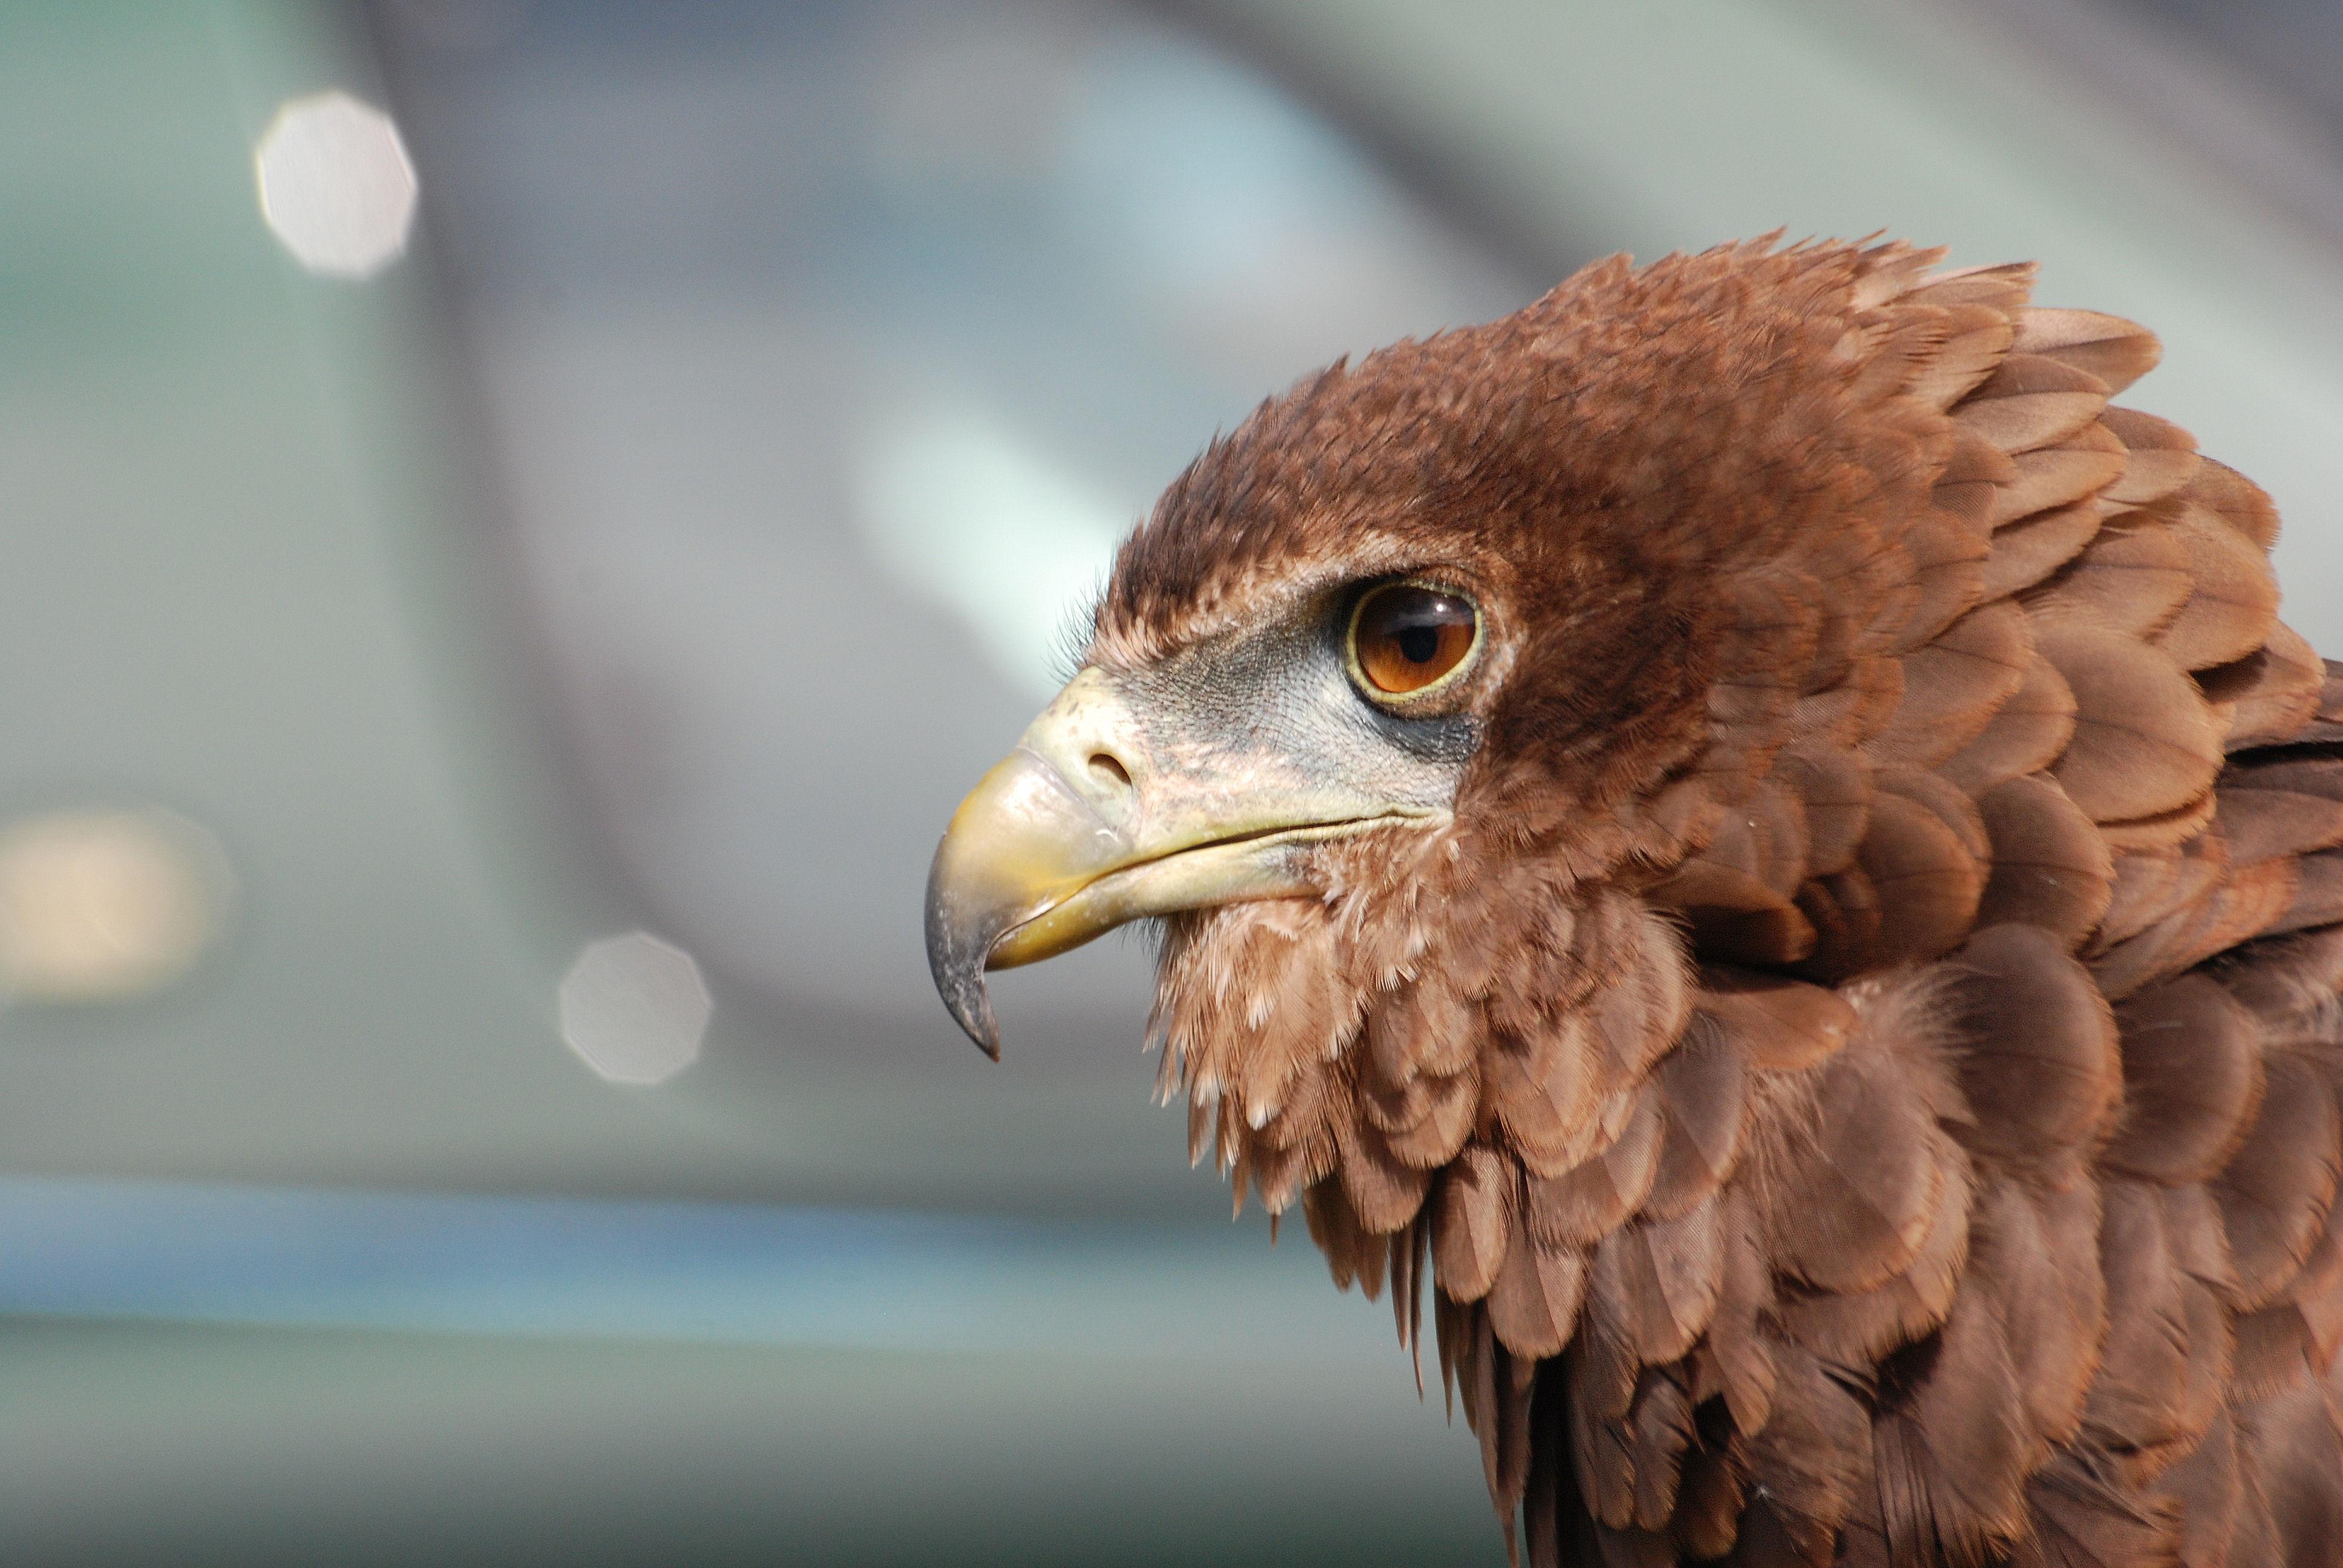 75298 Hintergrundbild herunterladen Tiere, Vogel, Schnabel, Raubtier, Predator, Adler - Bildschirmschoner und Bilder kostenlos